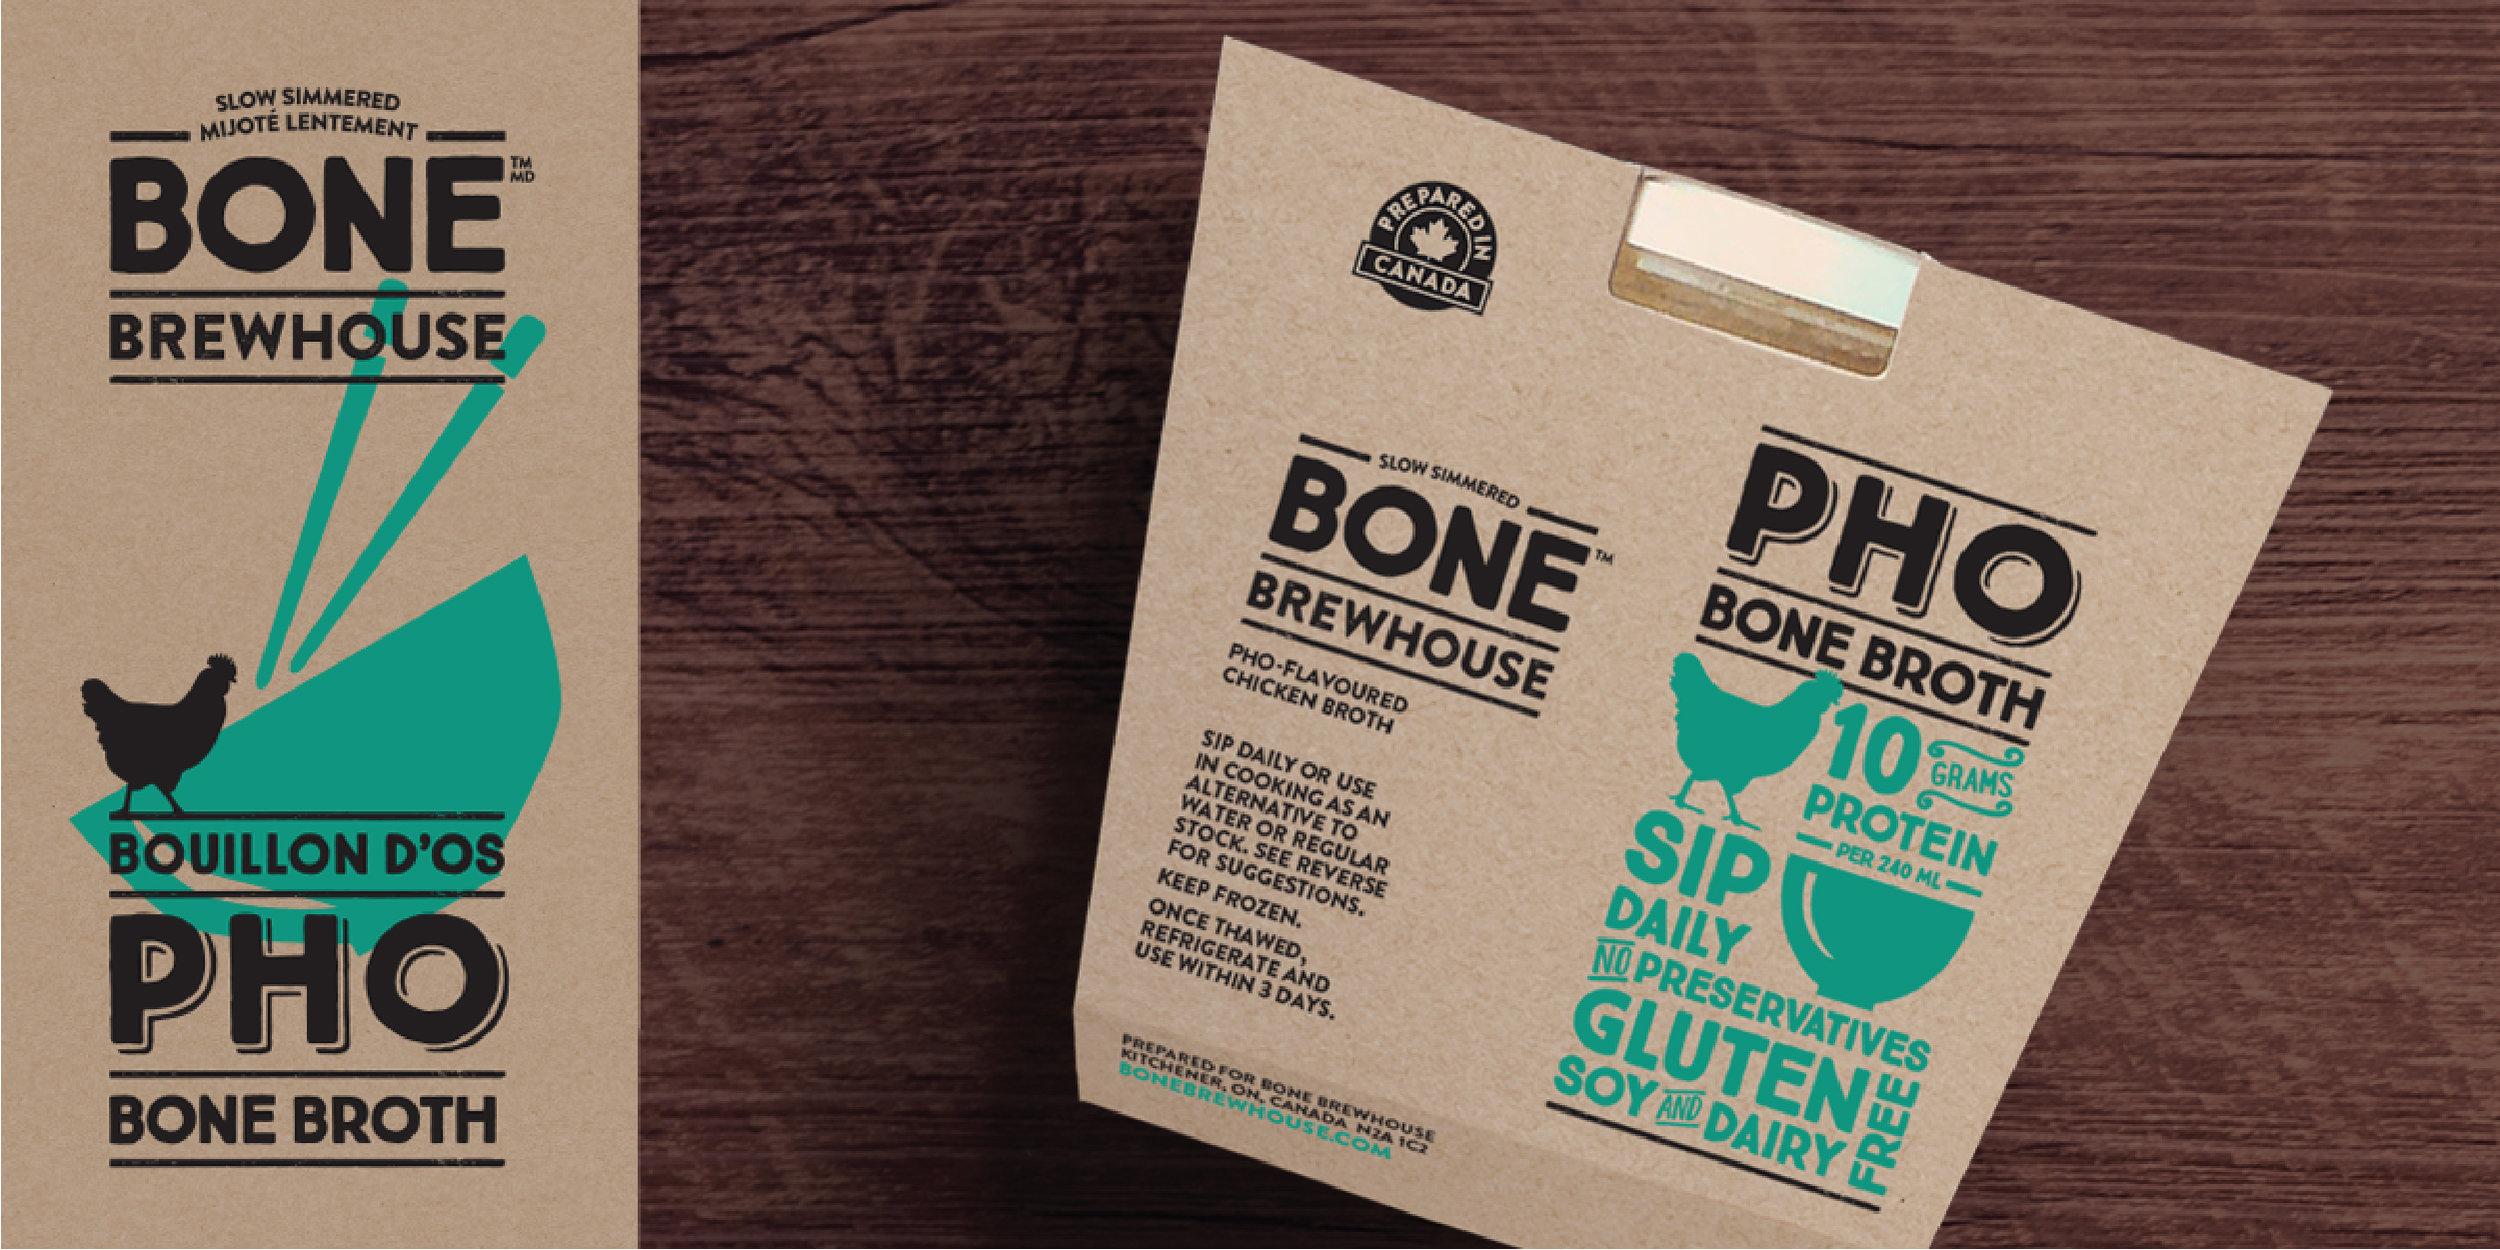 BoneBrewHouse_Ebbnflowcreative_packagingdesign_pho.jpg